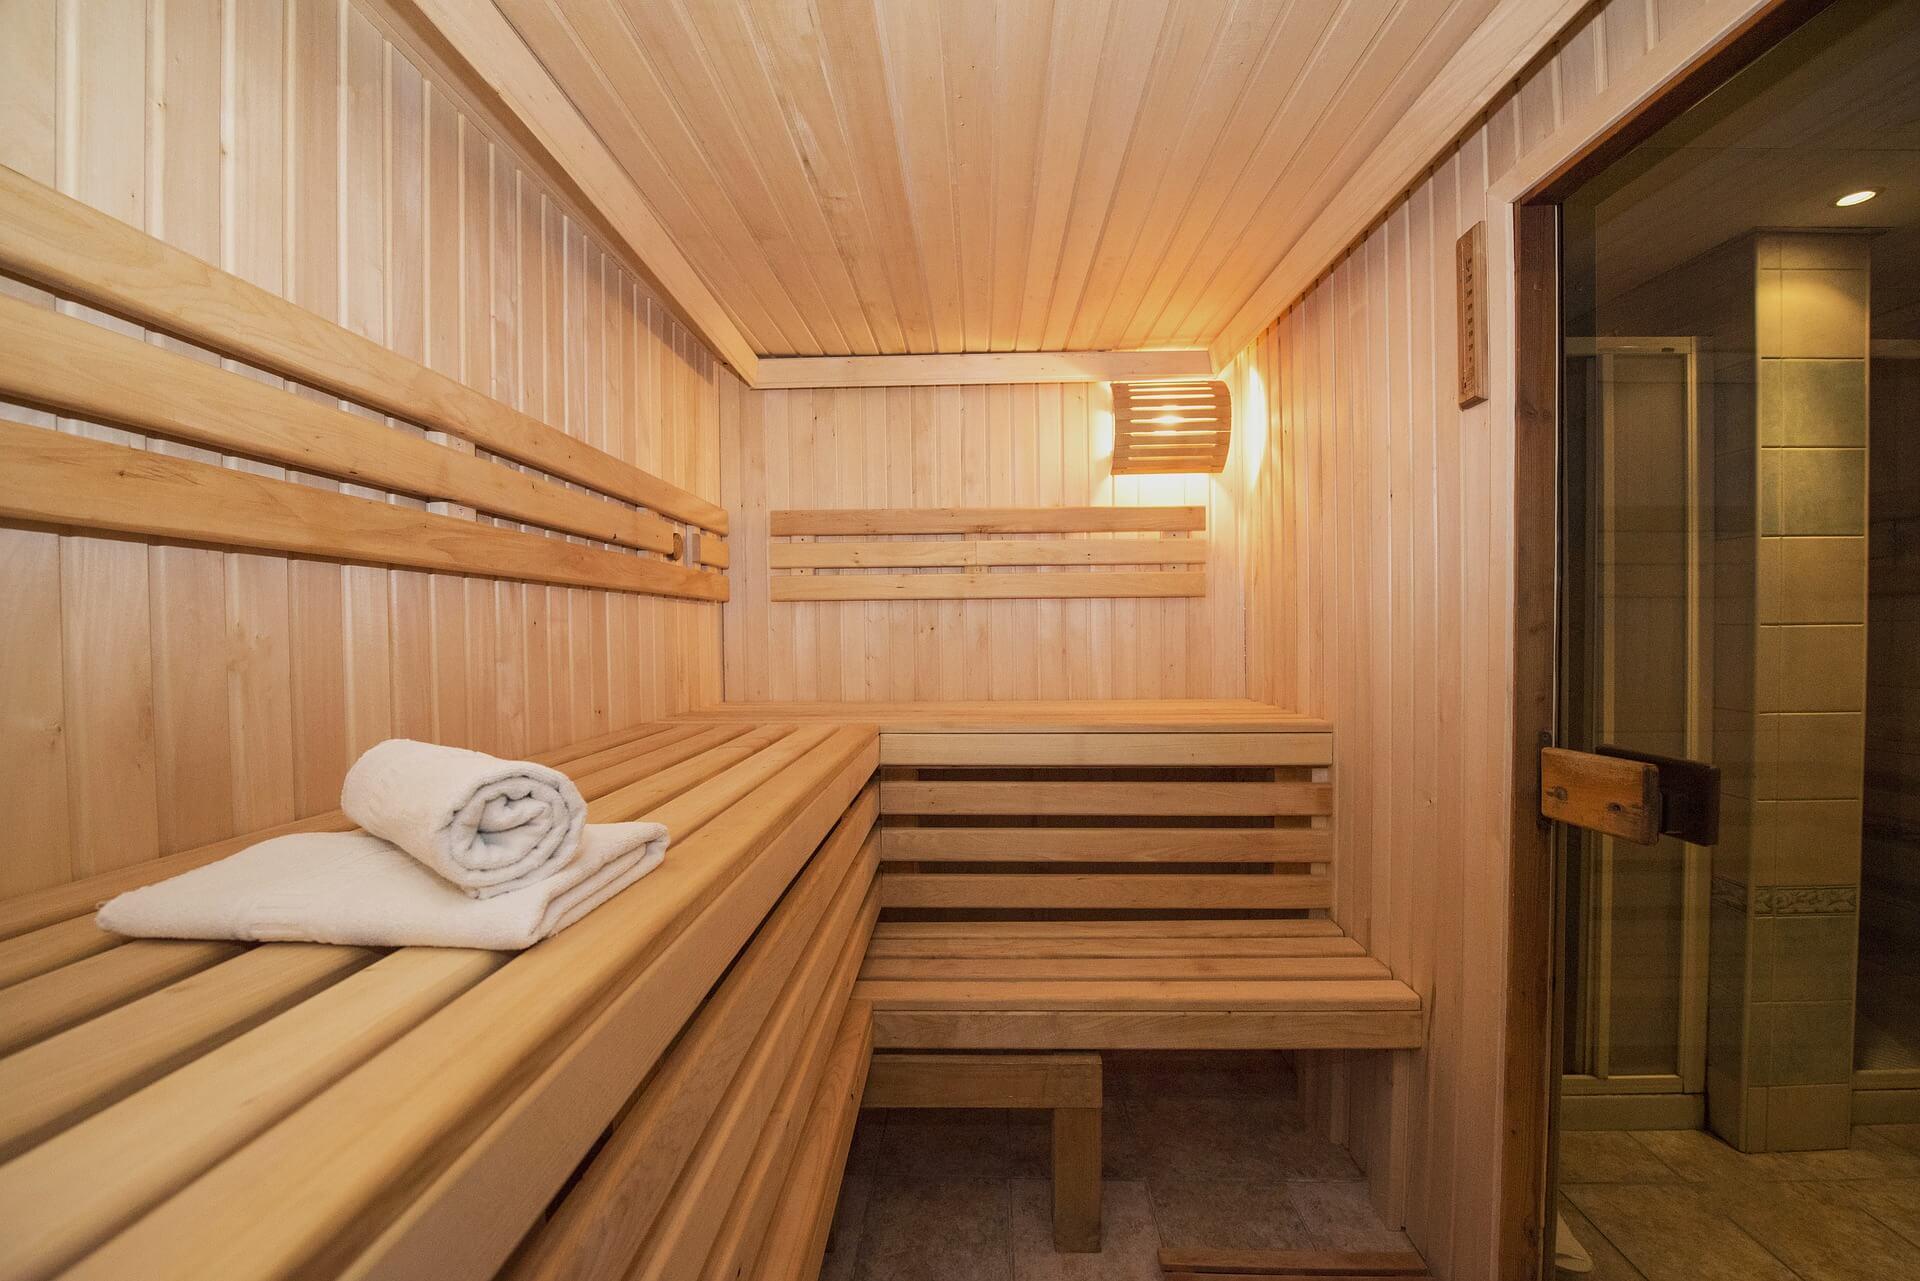 Sauna Inbouwen Badkamer : Sauna op maat en maatwerk sauna s bij saunaspecialist jan van sundert